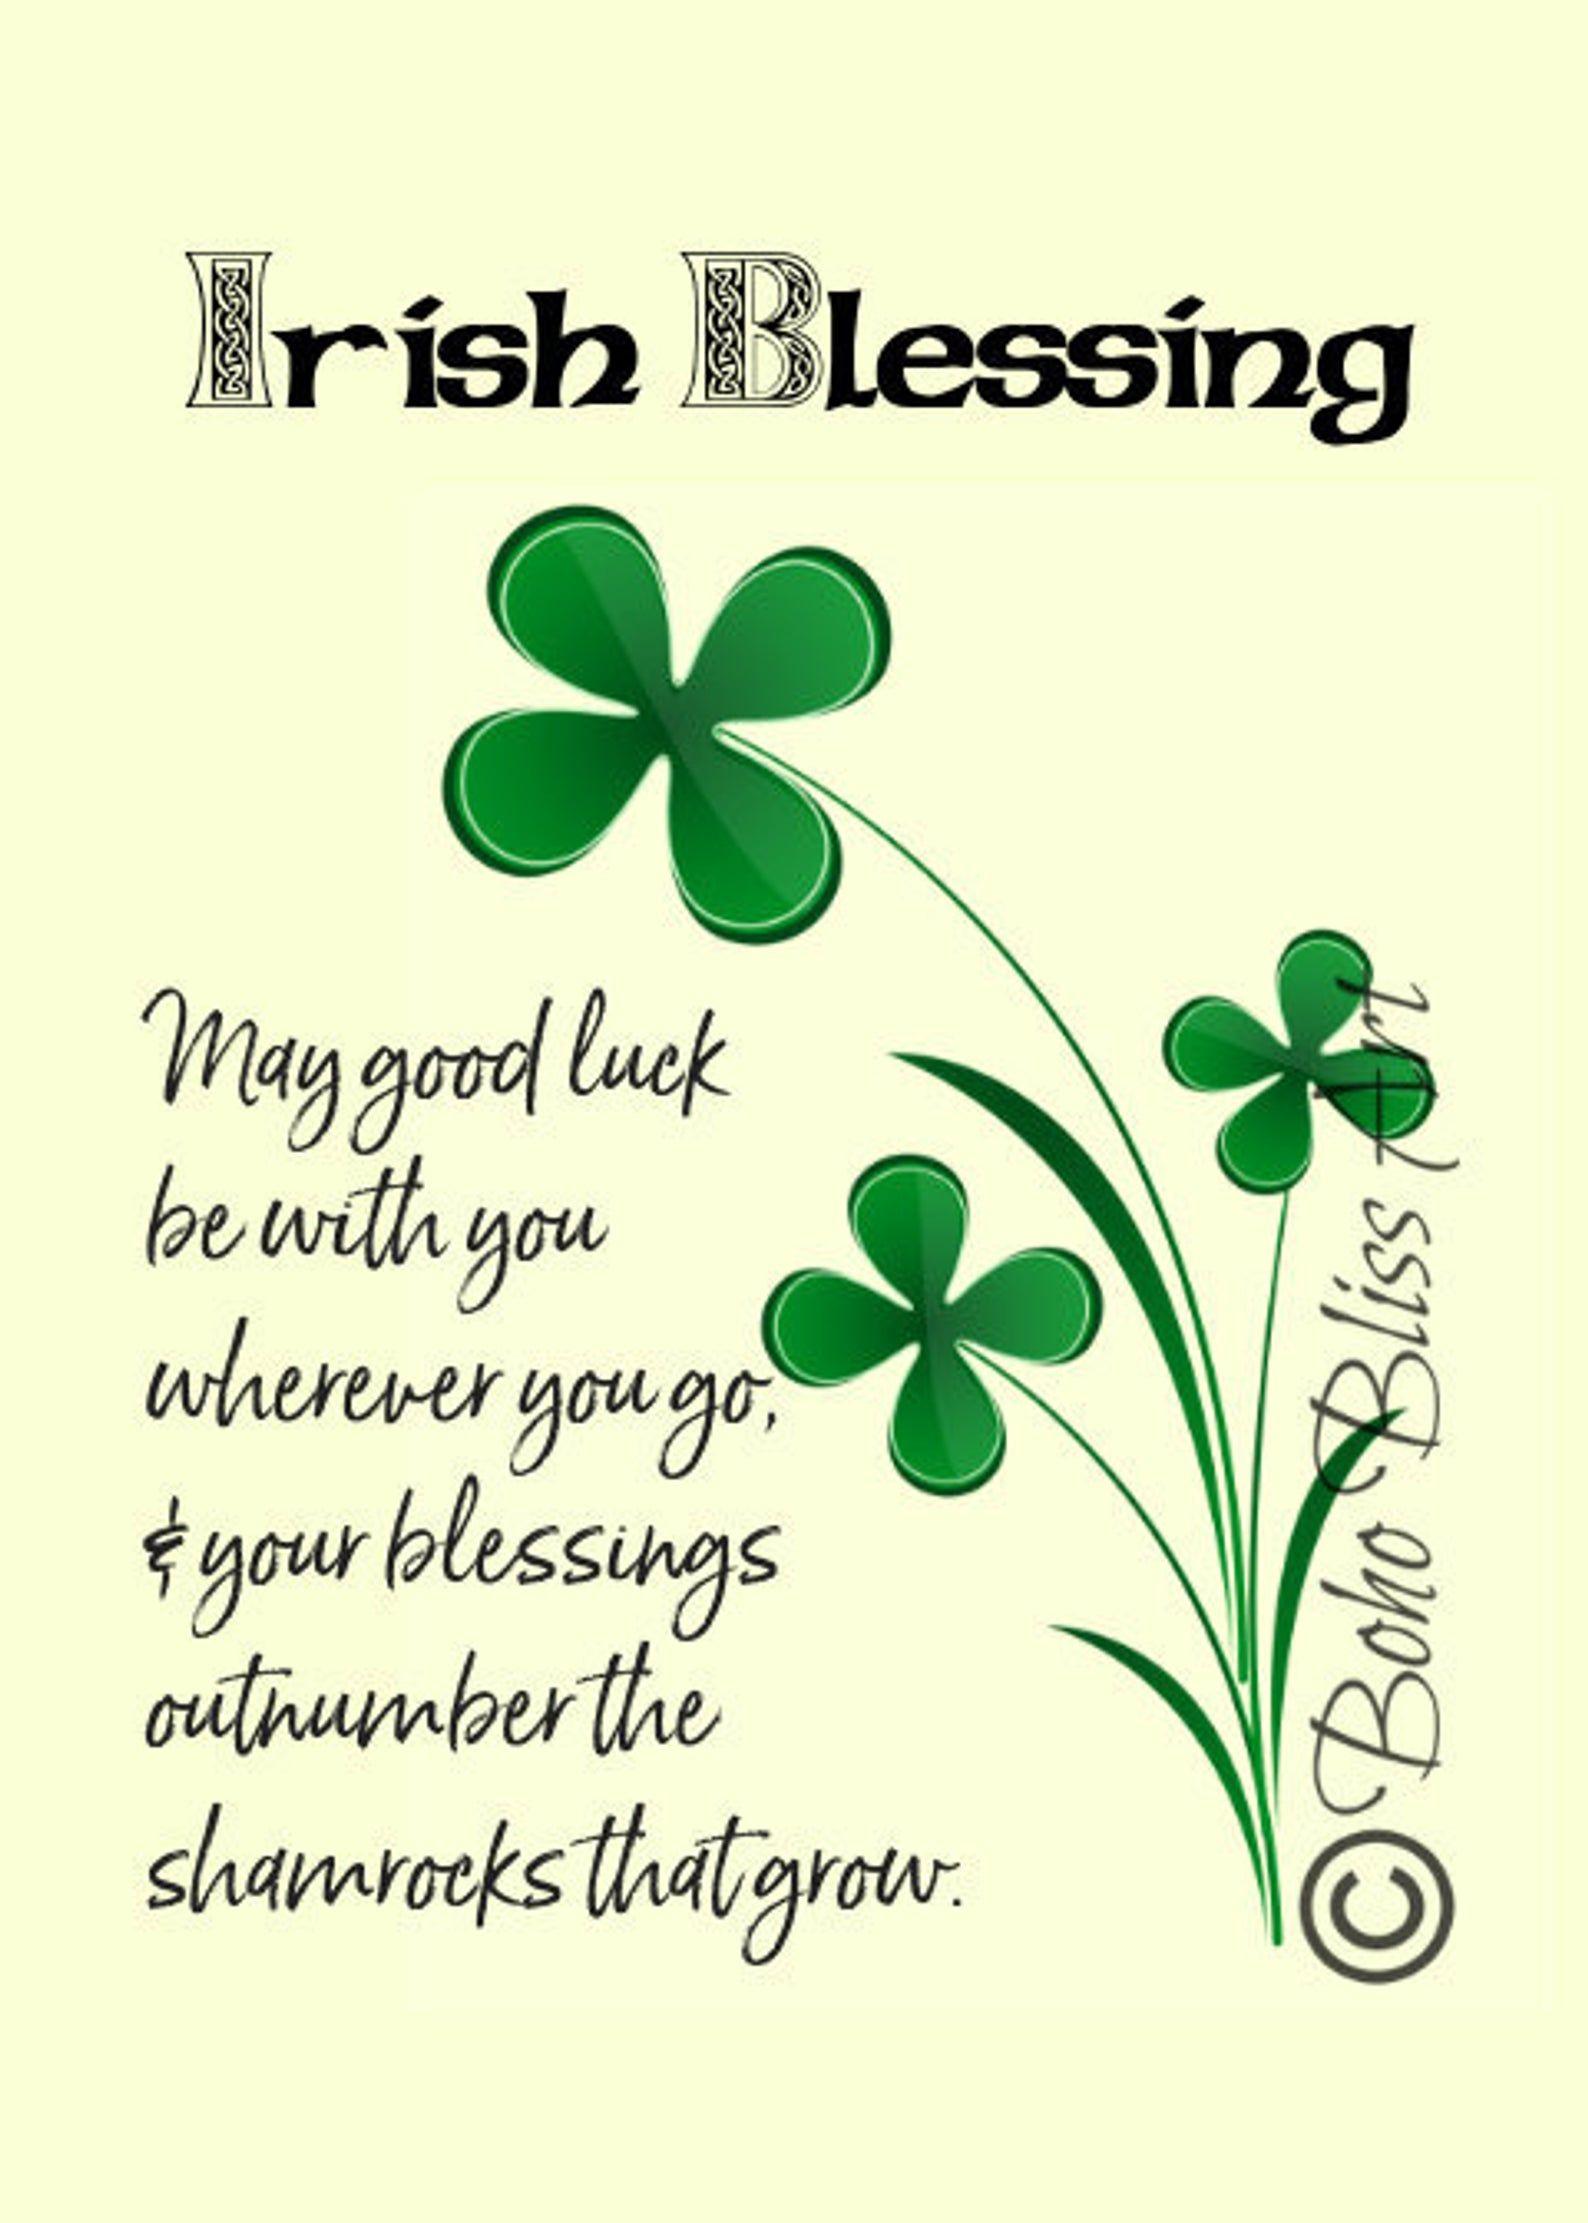 Pin on Irish and Scottish